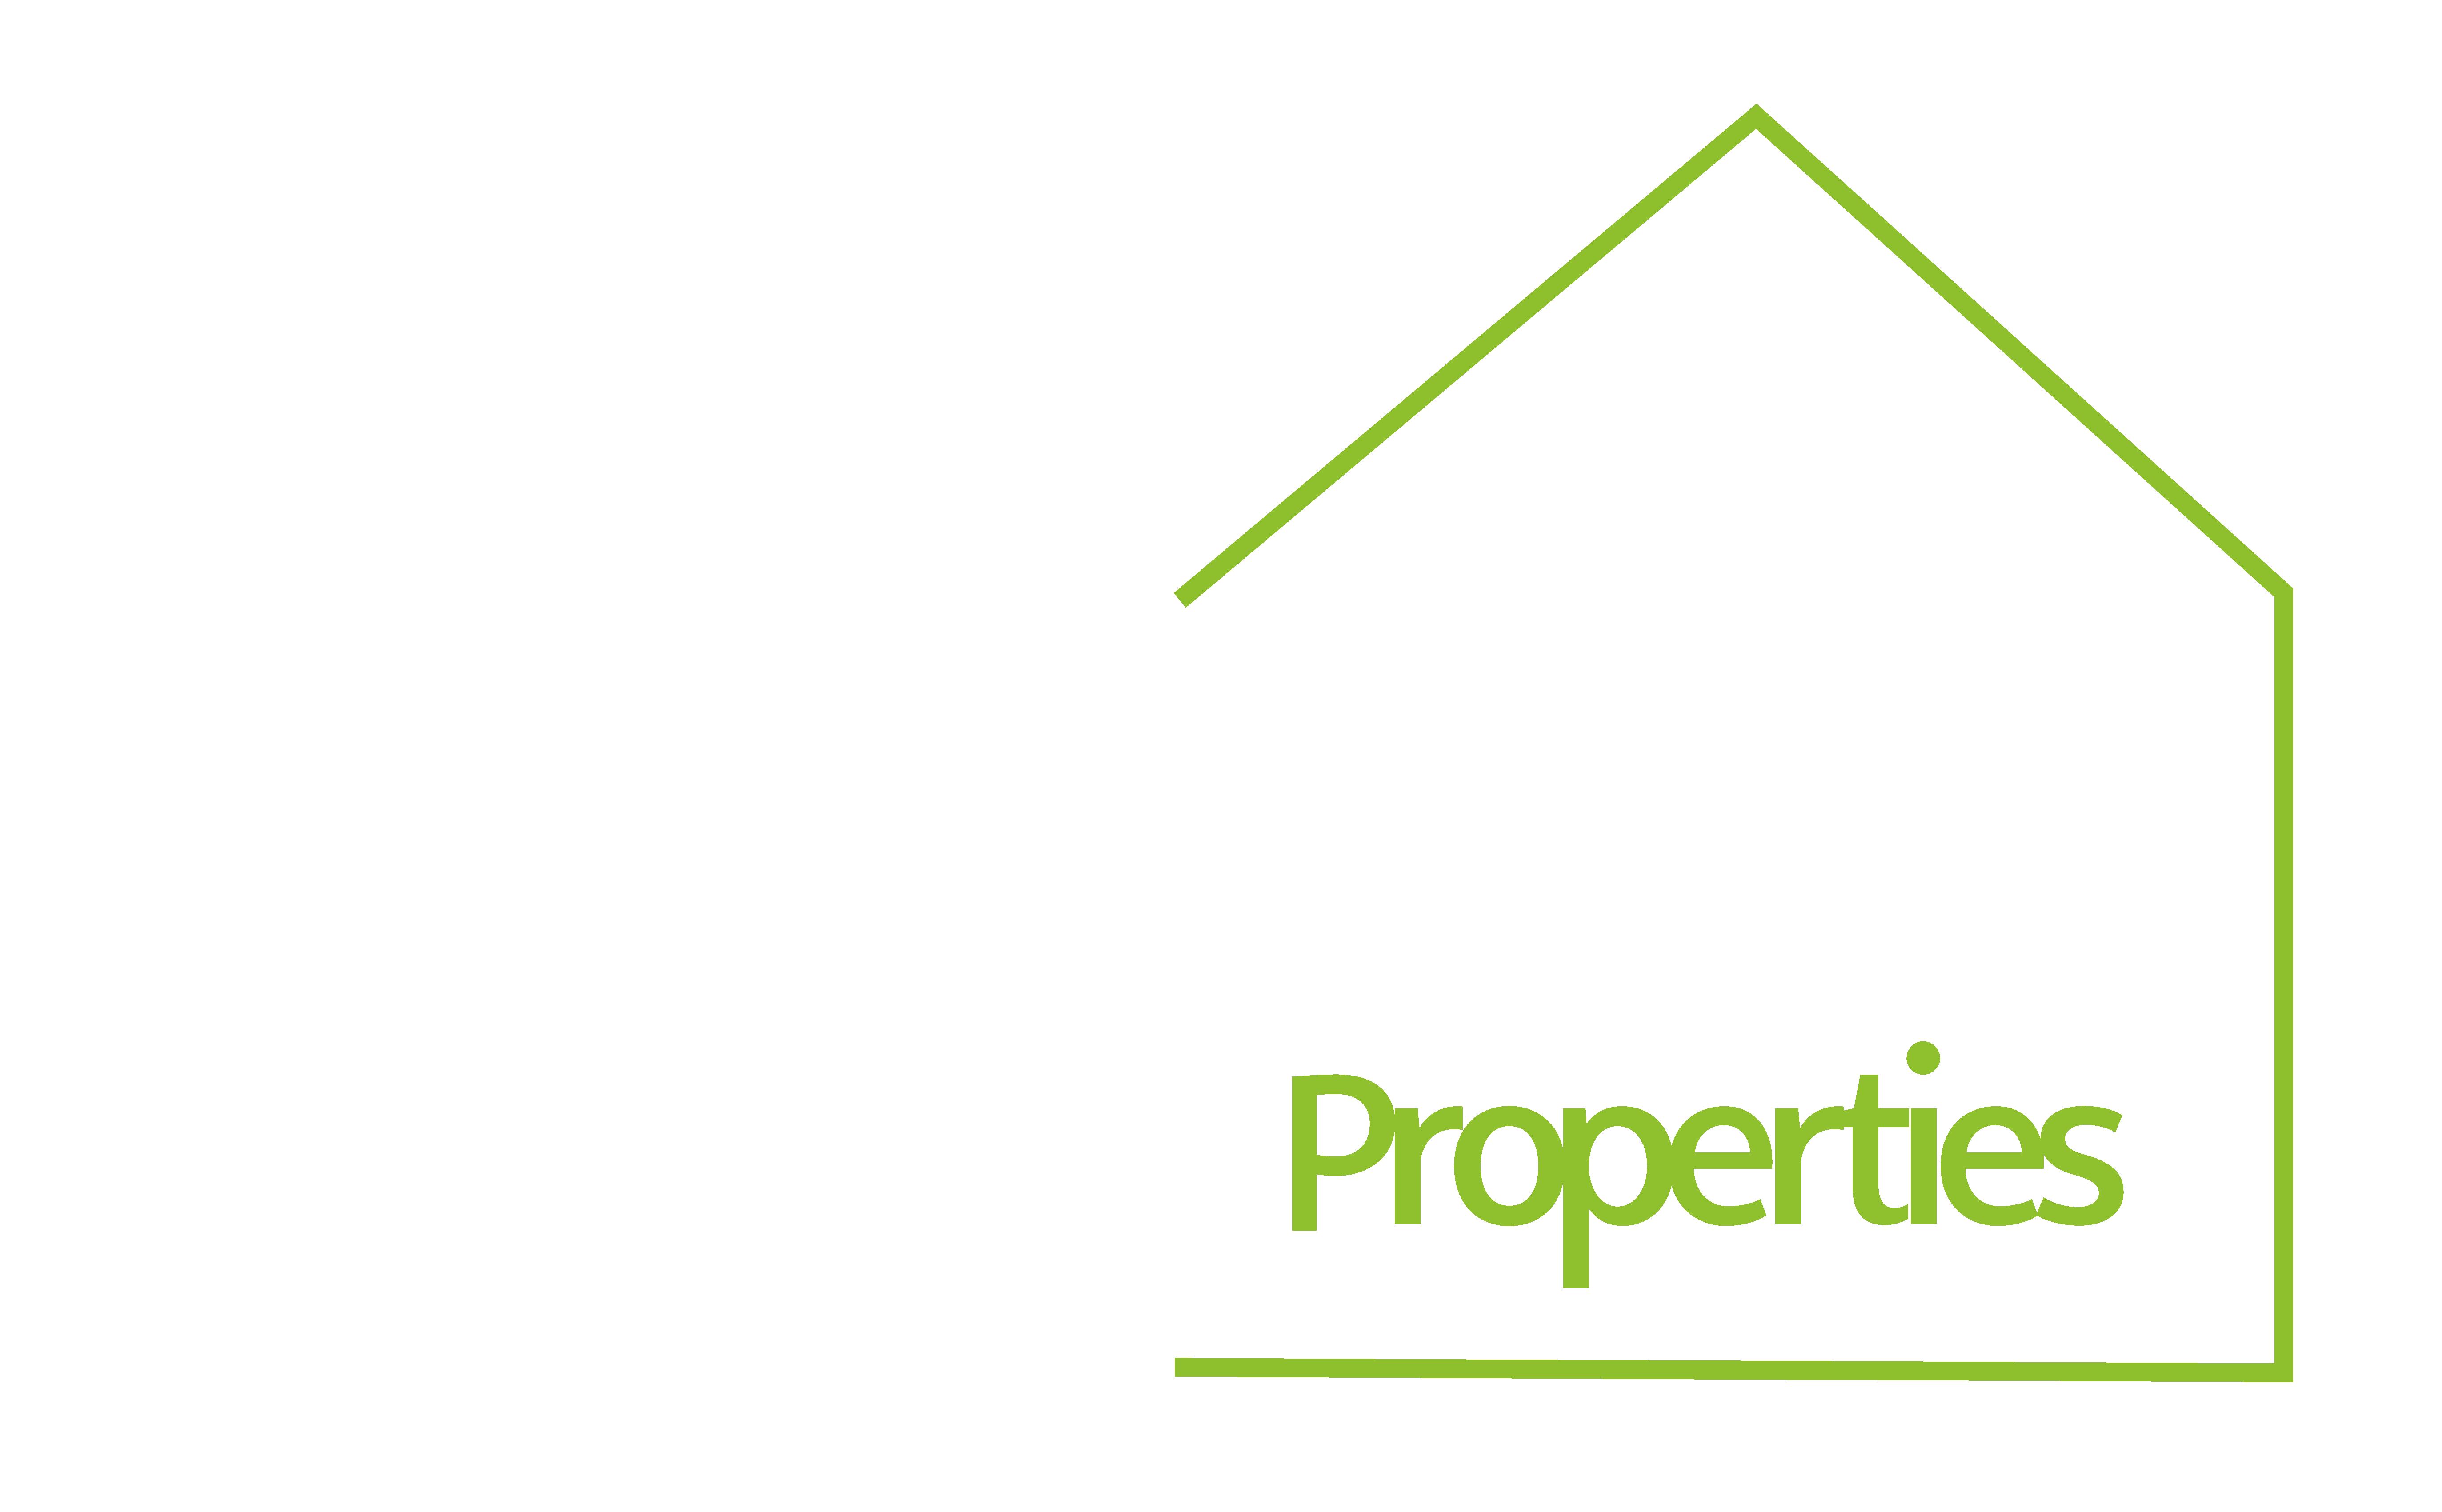 Complete Properties